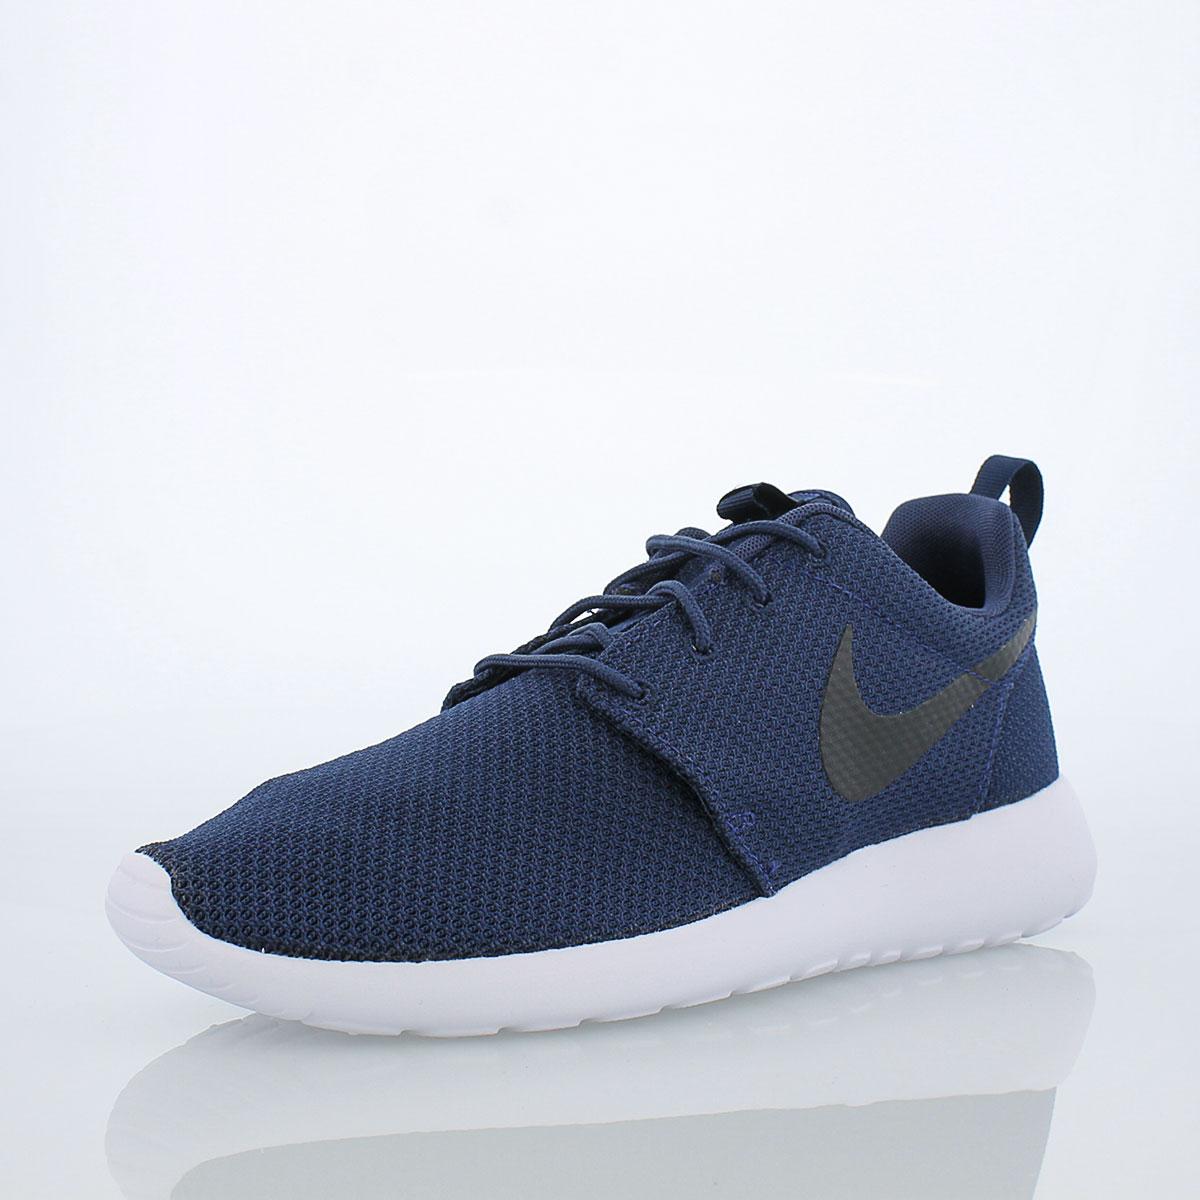 Men's Nike 'Roshe Run' Sneaker, Size 8.5 M - Blue